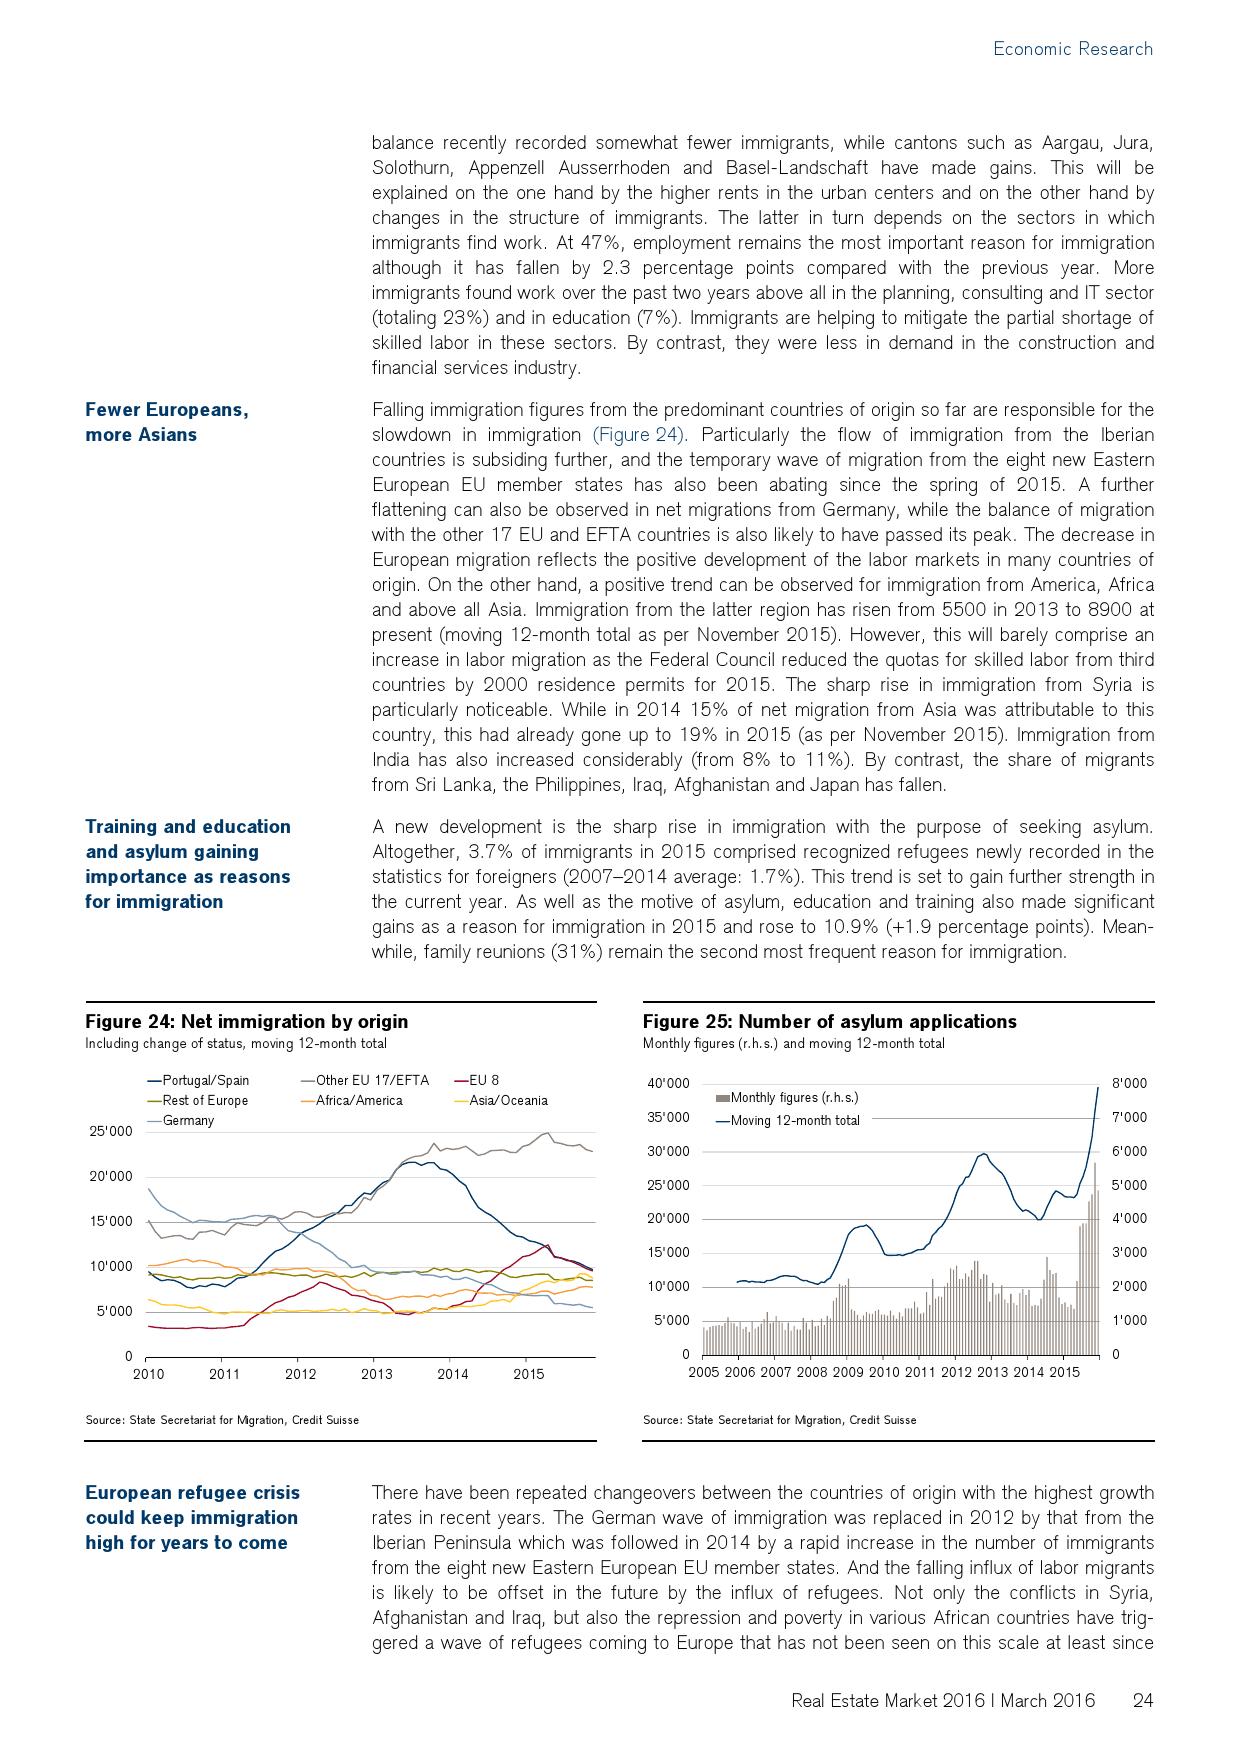 2016年瑞士房地产市场研究报告_000024